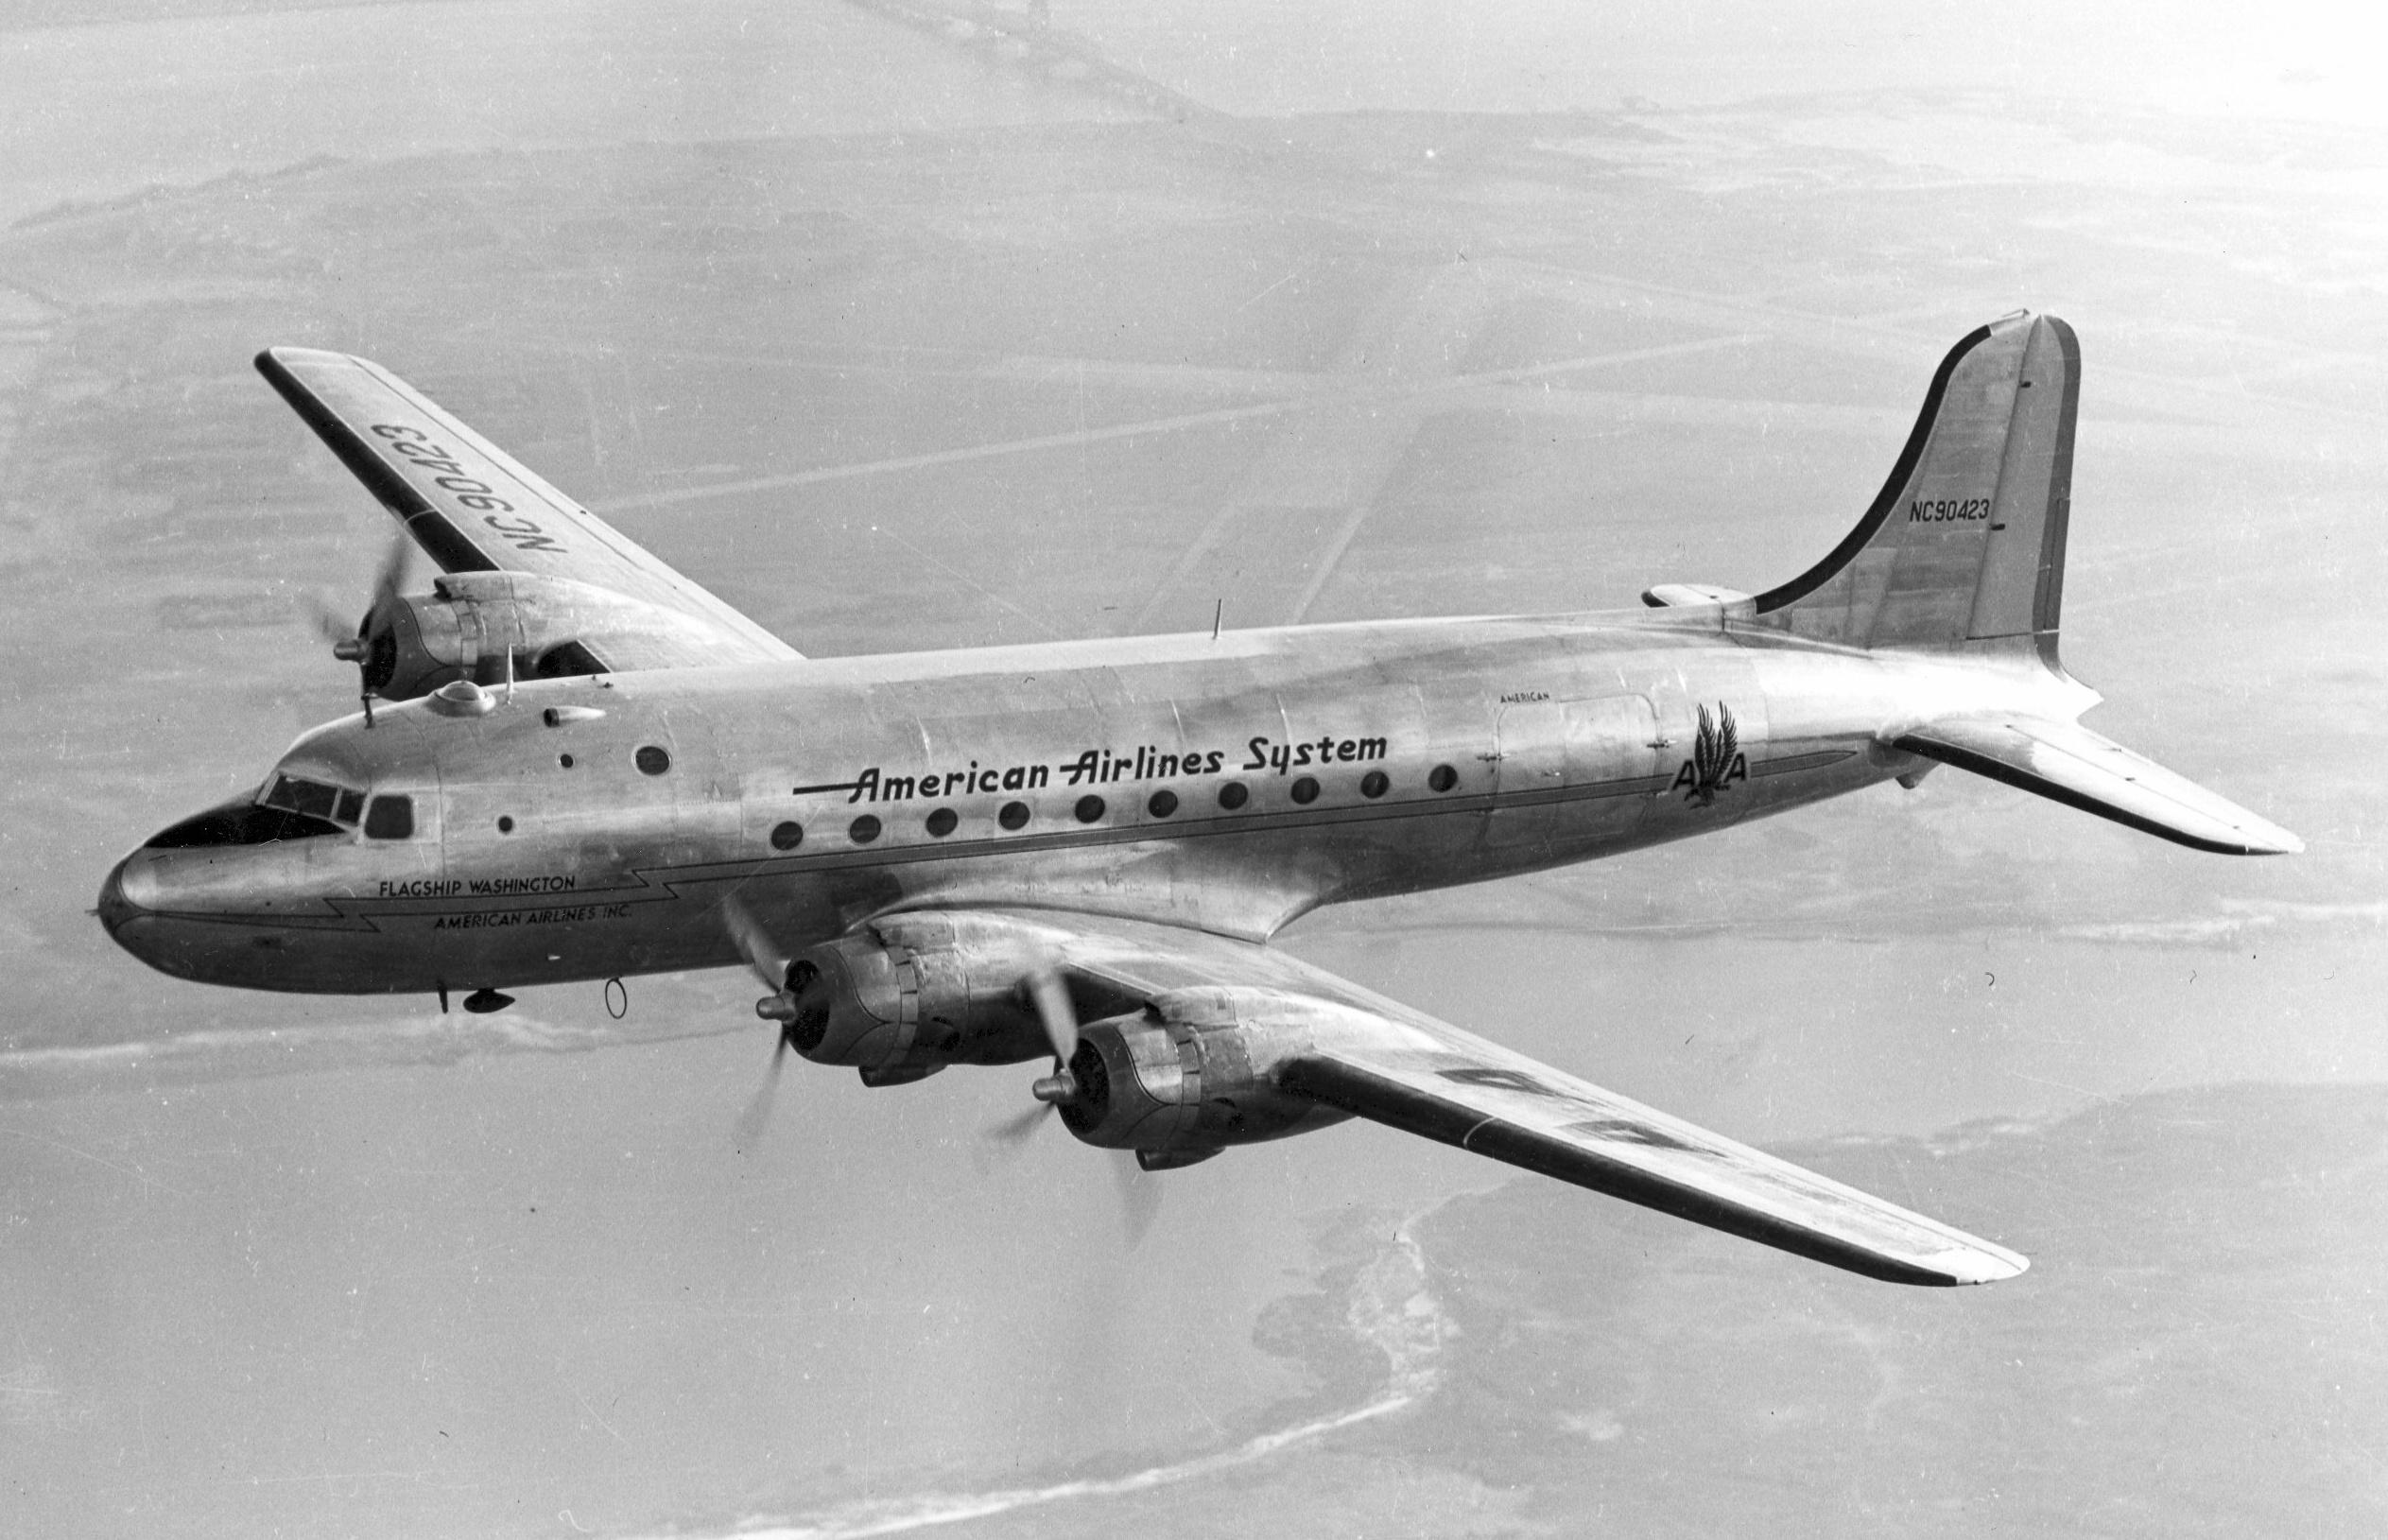 American_Airlines_NC90423.jpg (1740×1160)